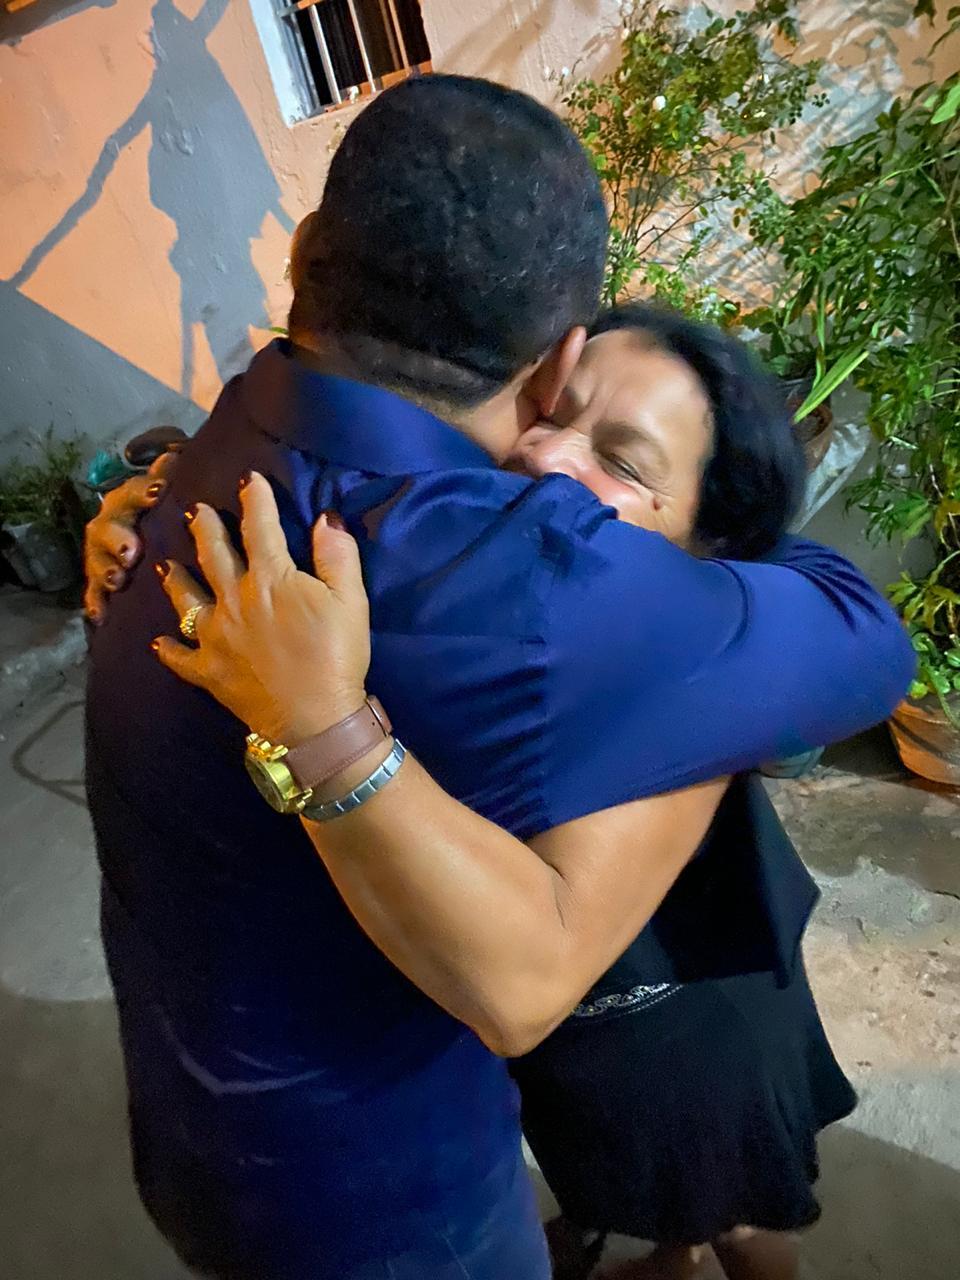 851a6bd8 c200 4242 932c de03e0b10a1c - De olho nas eleições: Nilvan Ferreira visita bairro do Valentina fortificando sua pré-campanha à prefeito da Capital